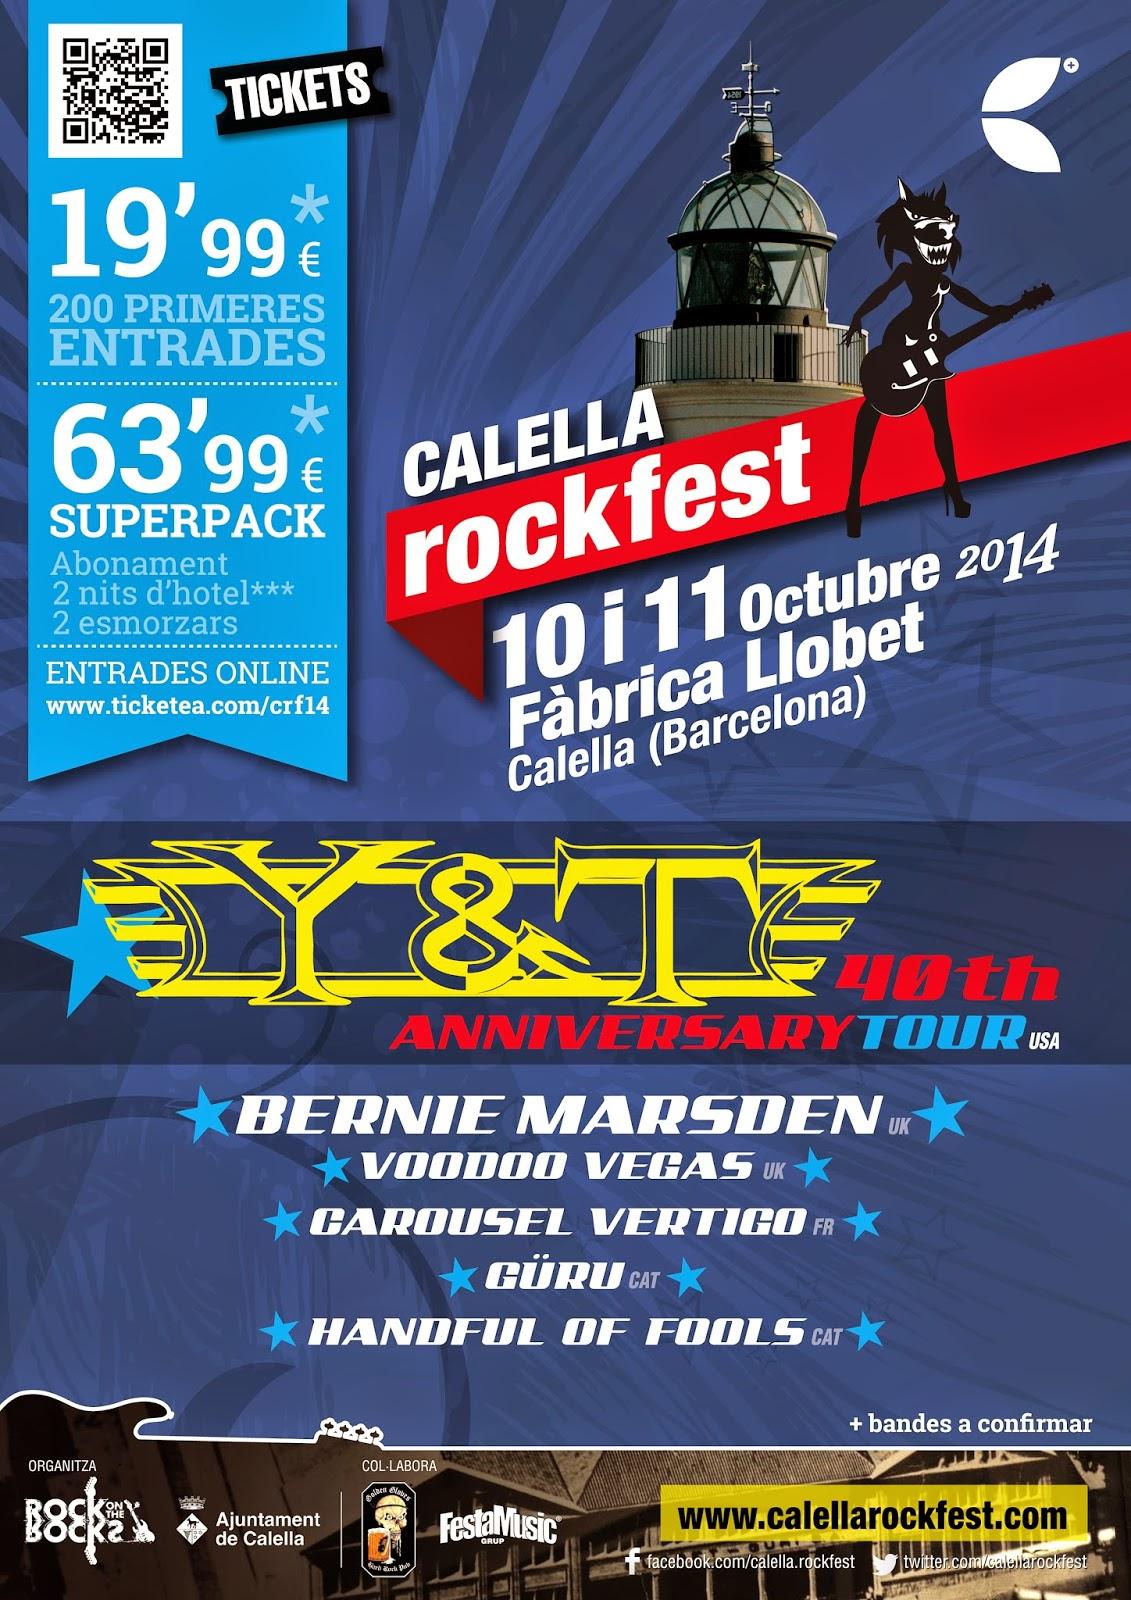 Calella Rockfest 10 y 11 de Octubre, ya están a la venta las entradas para el Festival